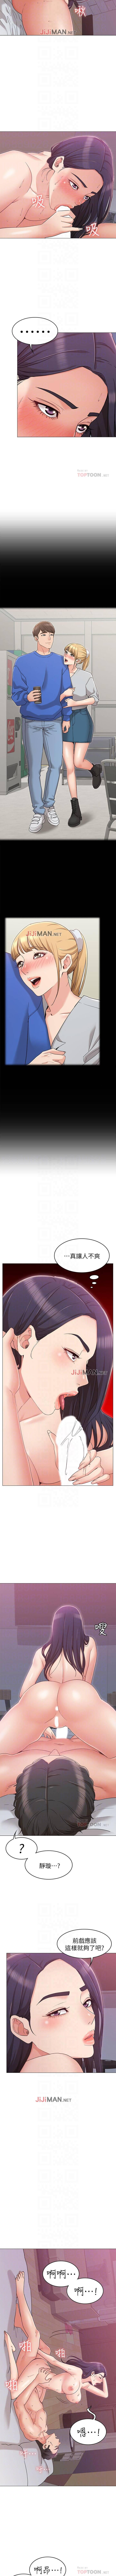 【周六连载】女友的姐姐(作者:橡果人&獵狗) 第1~14话 87